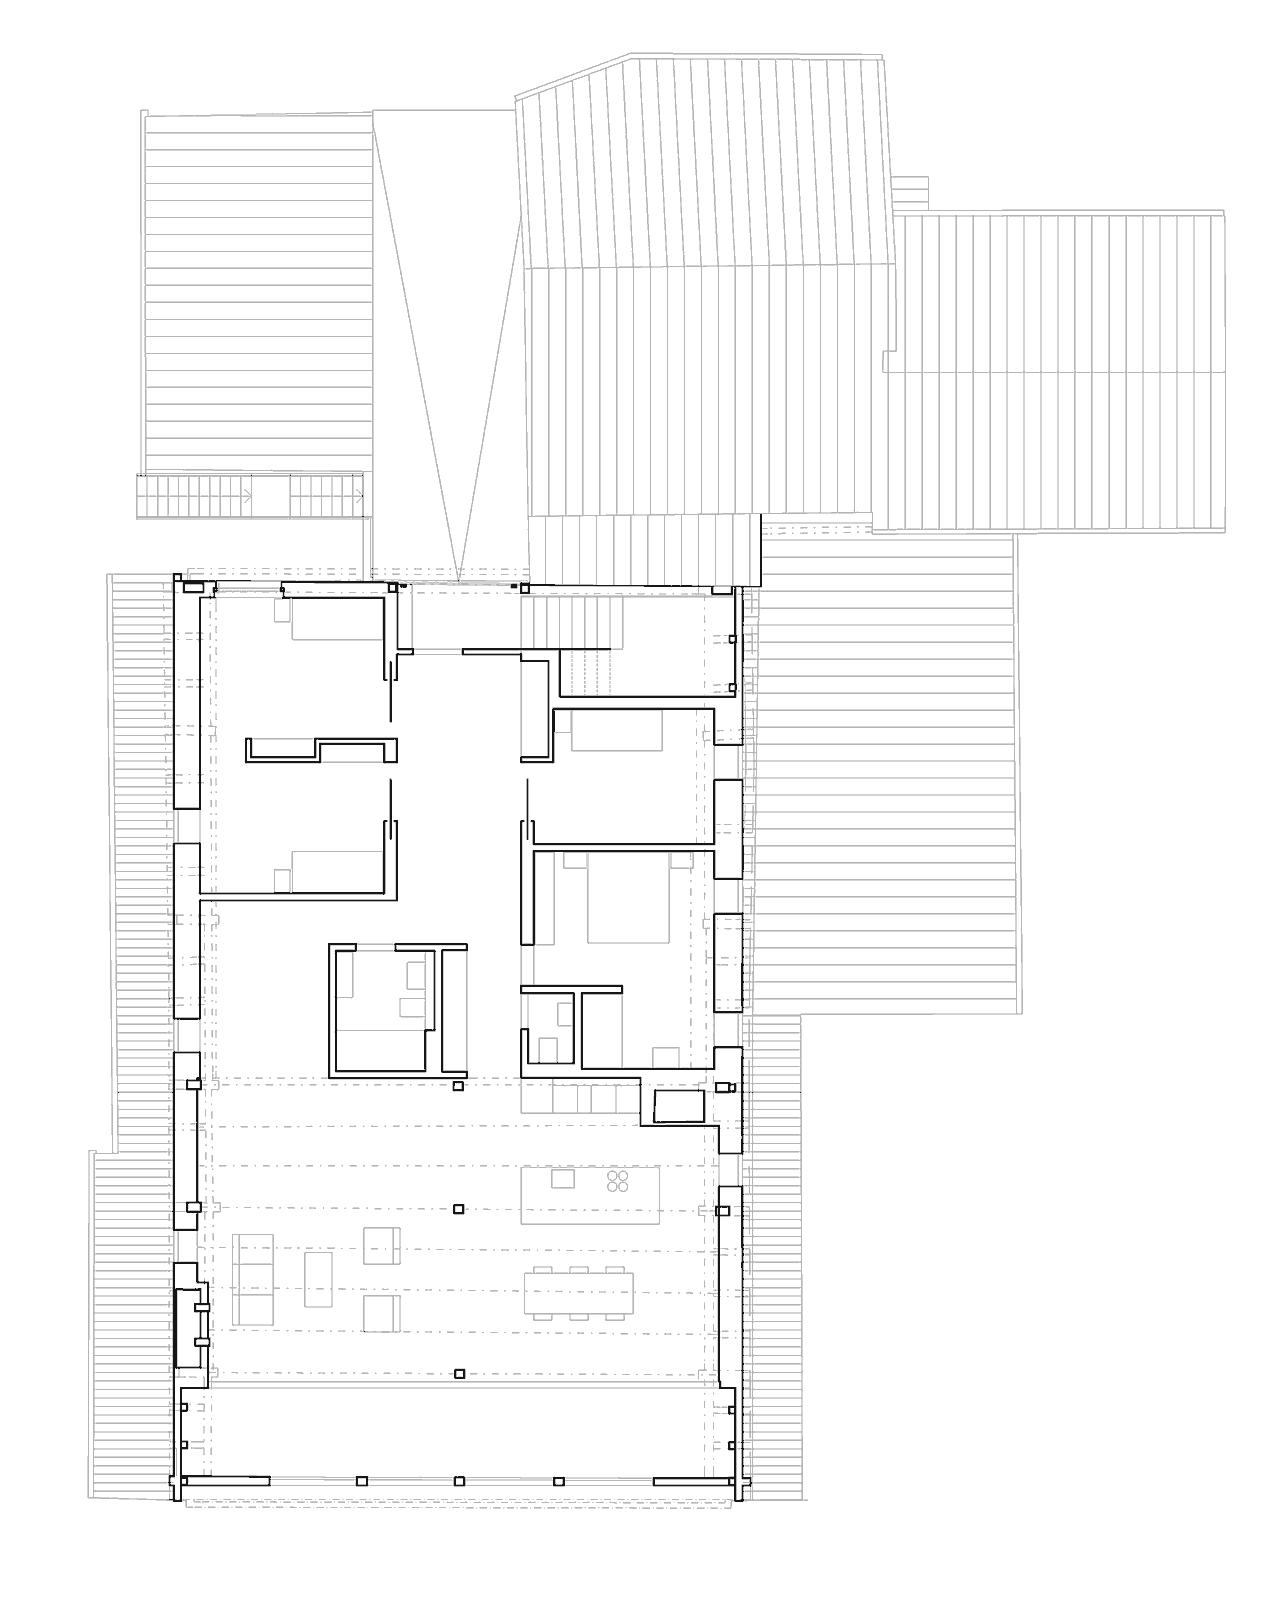 Grundriss Dachgeschoss Umbau und Sanierung ehemaliges Bauernhaus Maison Blanche Evilard